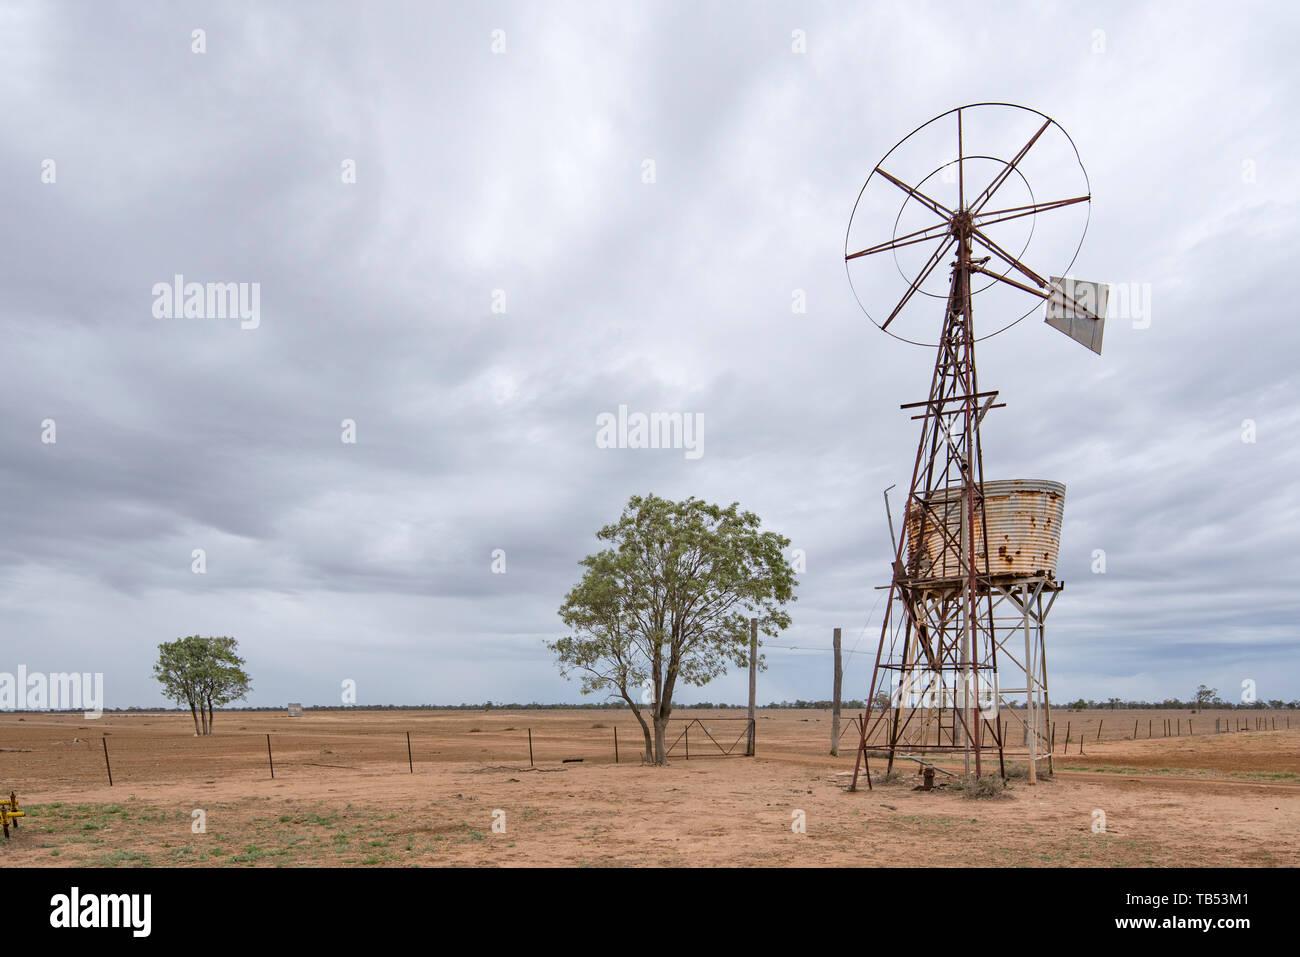 Un viejo e inutilizable el molino de viento y tanque de agua sobre un stand en un lugar seco y la sequía afectó paddock en el noroeste de Nueva Gales del Sur, Australia Imagen De Stock